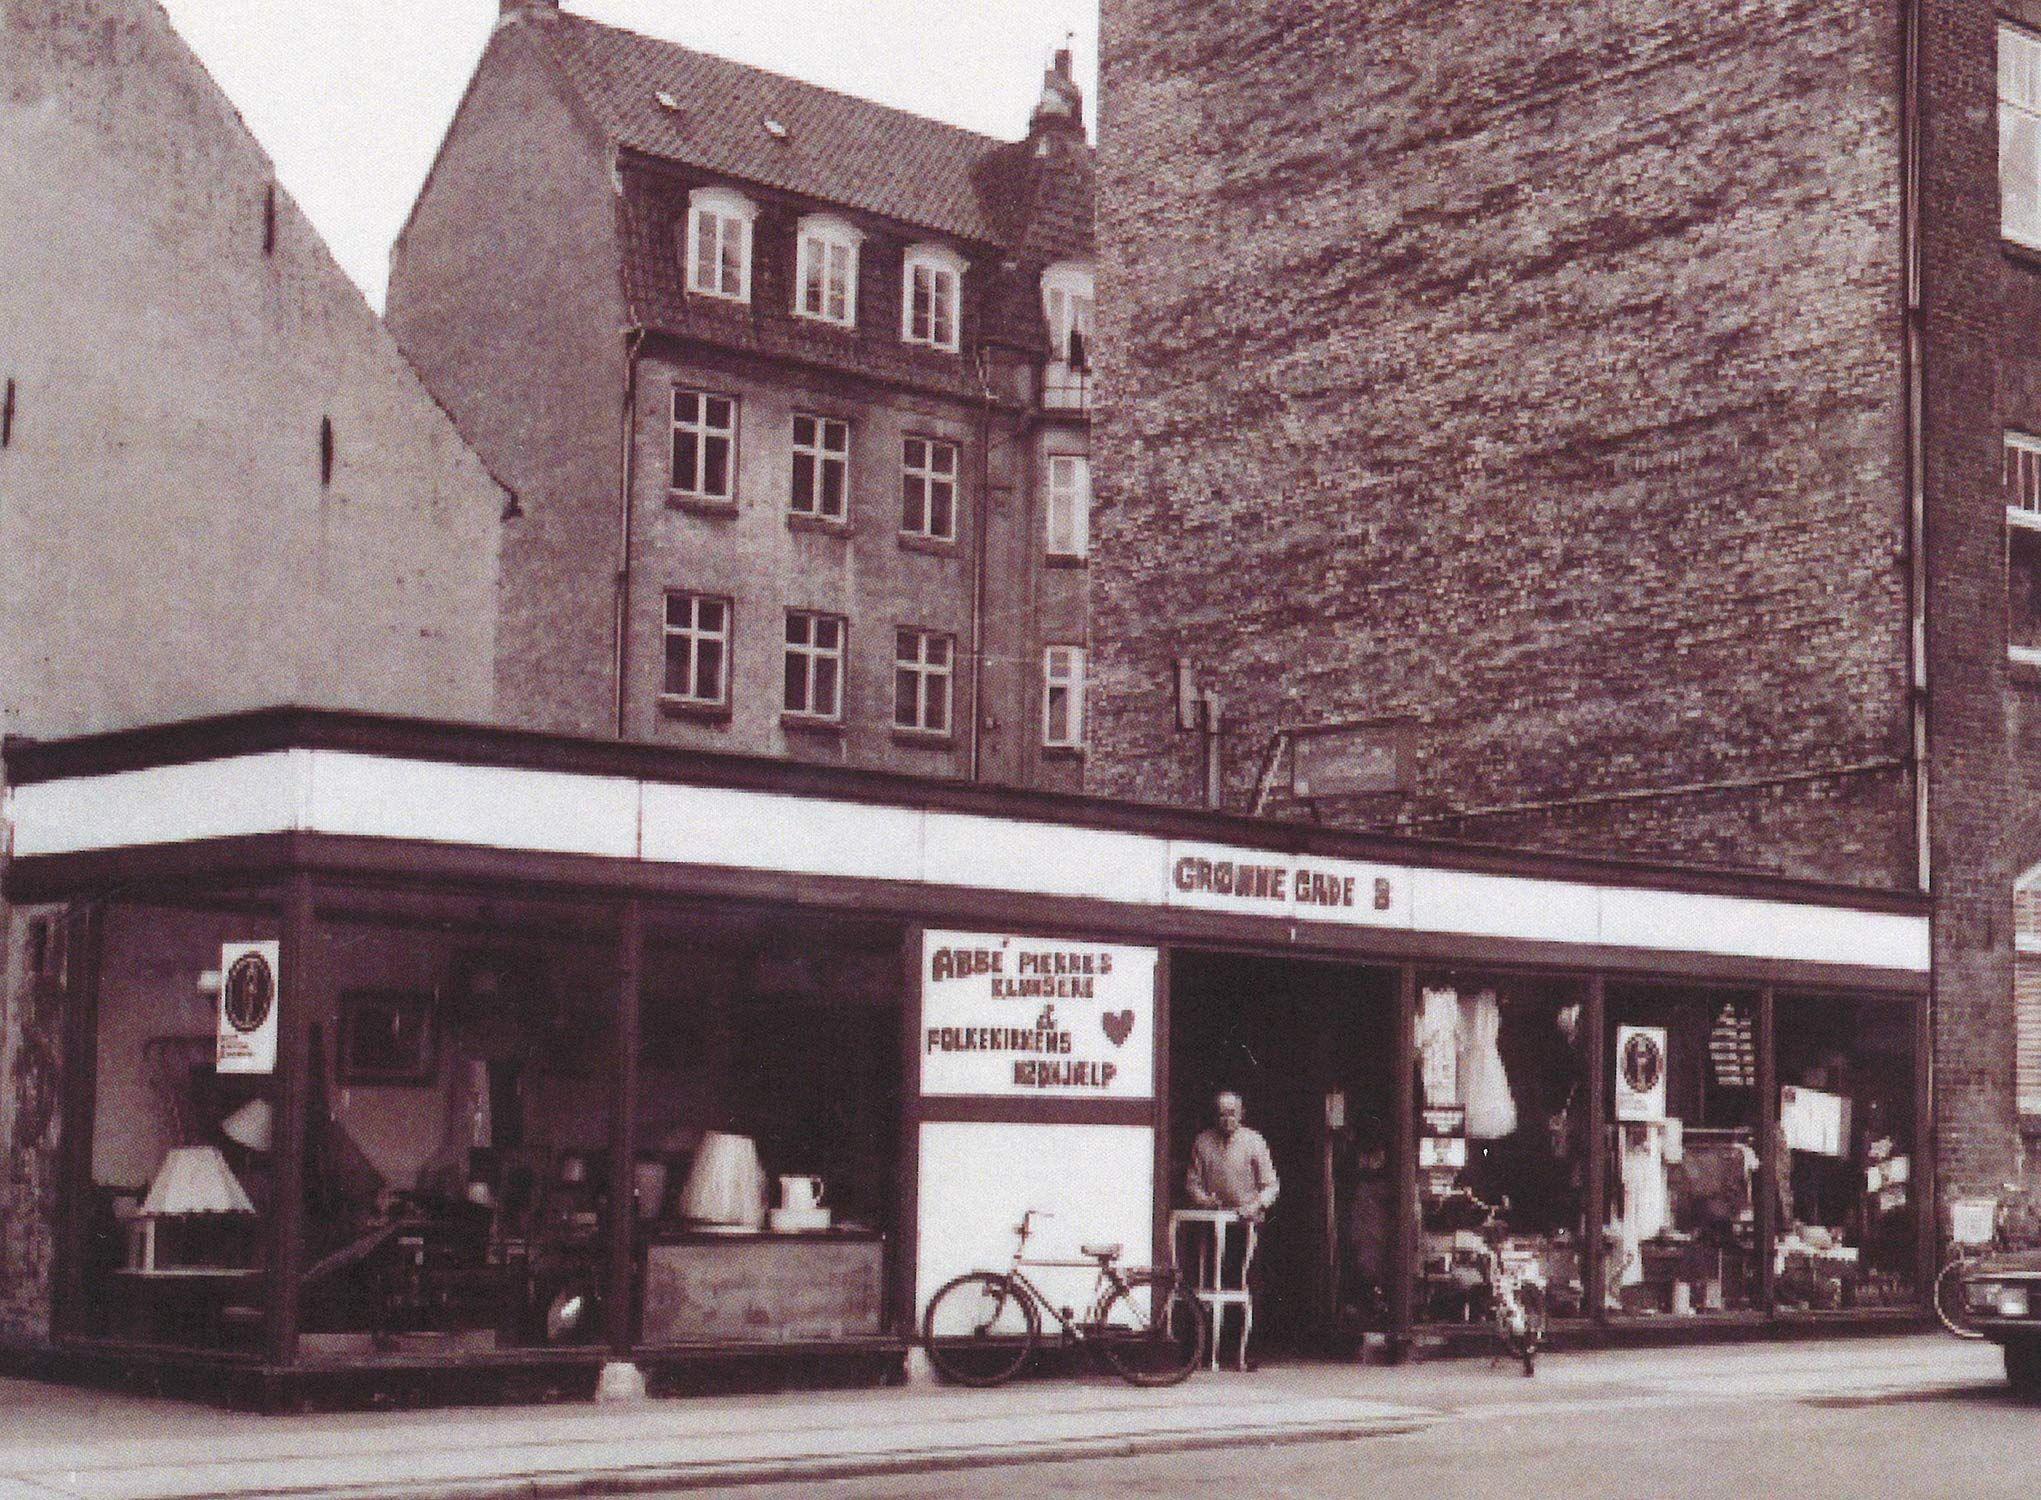 Foto af genbrugsbutik i Grønnegade brugt i artikel om Danmarks første genbrugsbutik i Aarhus